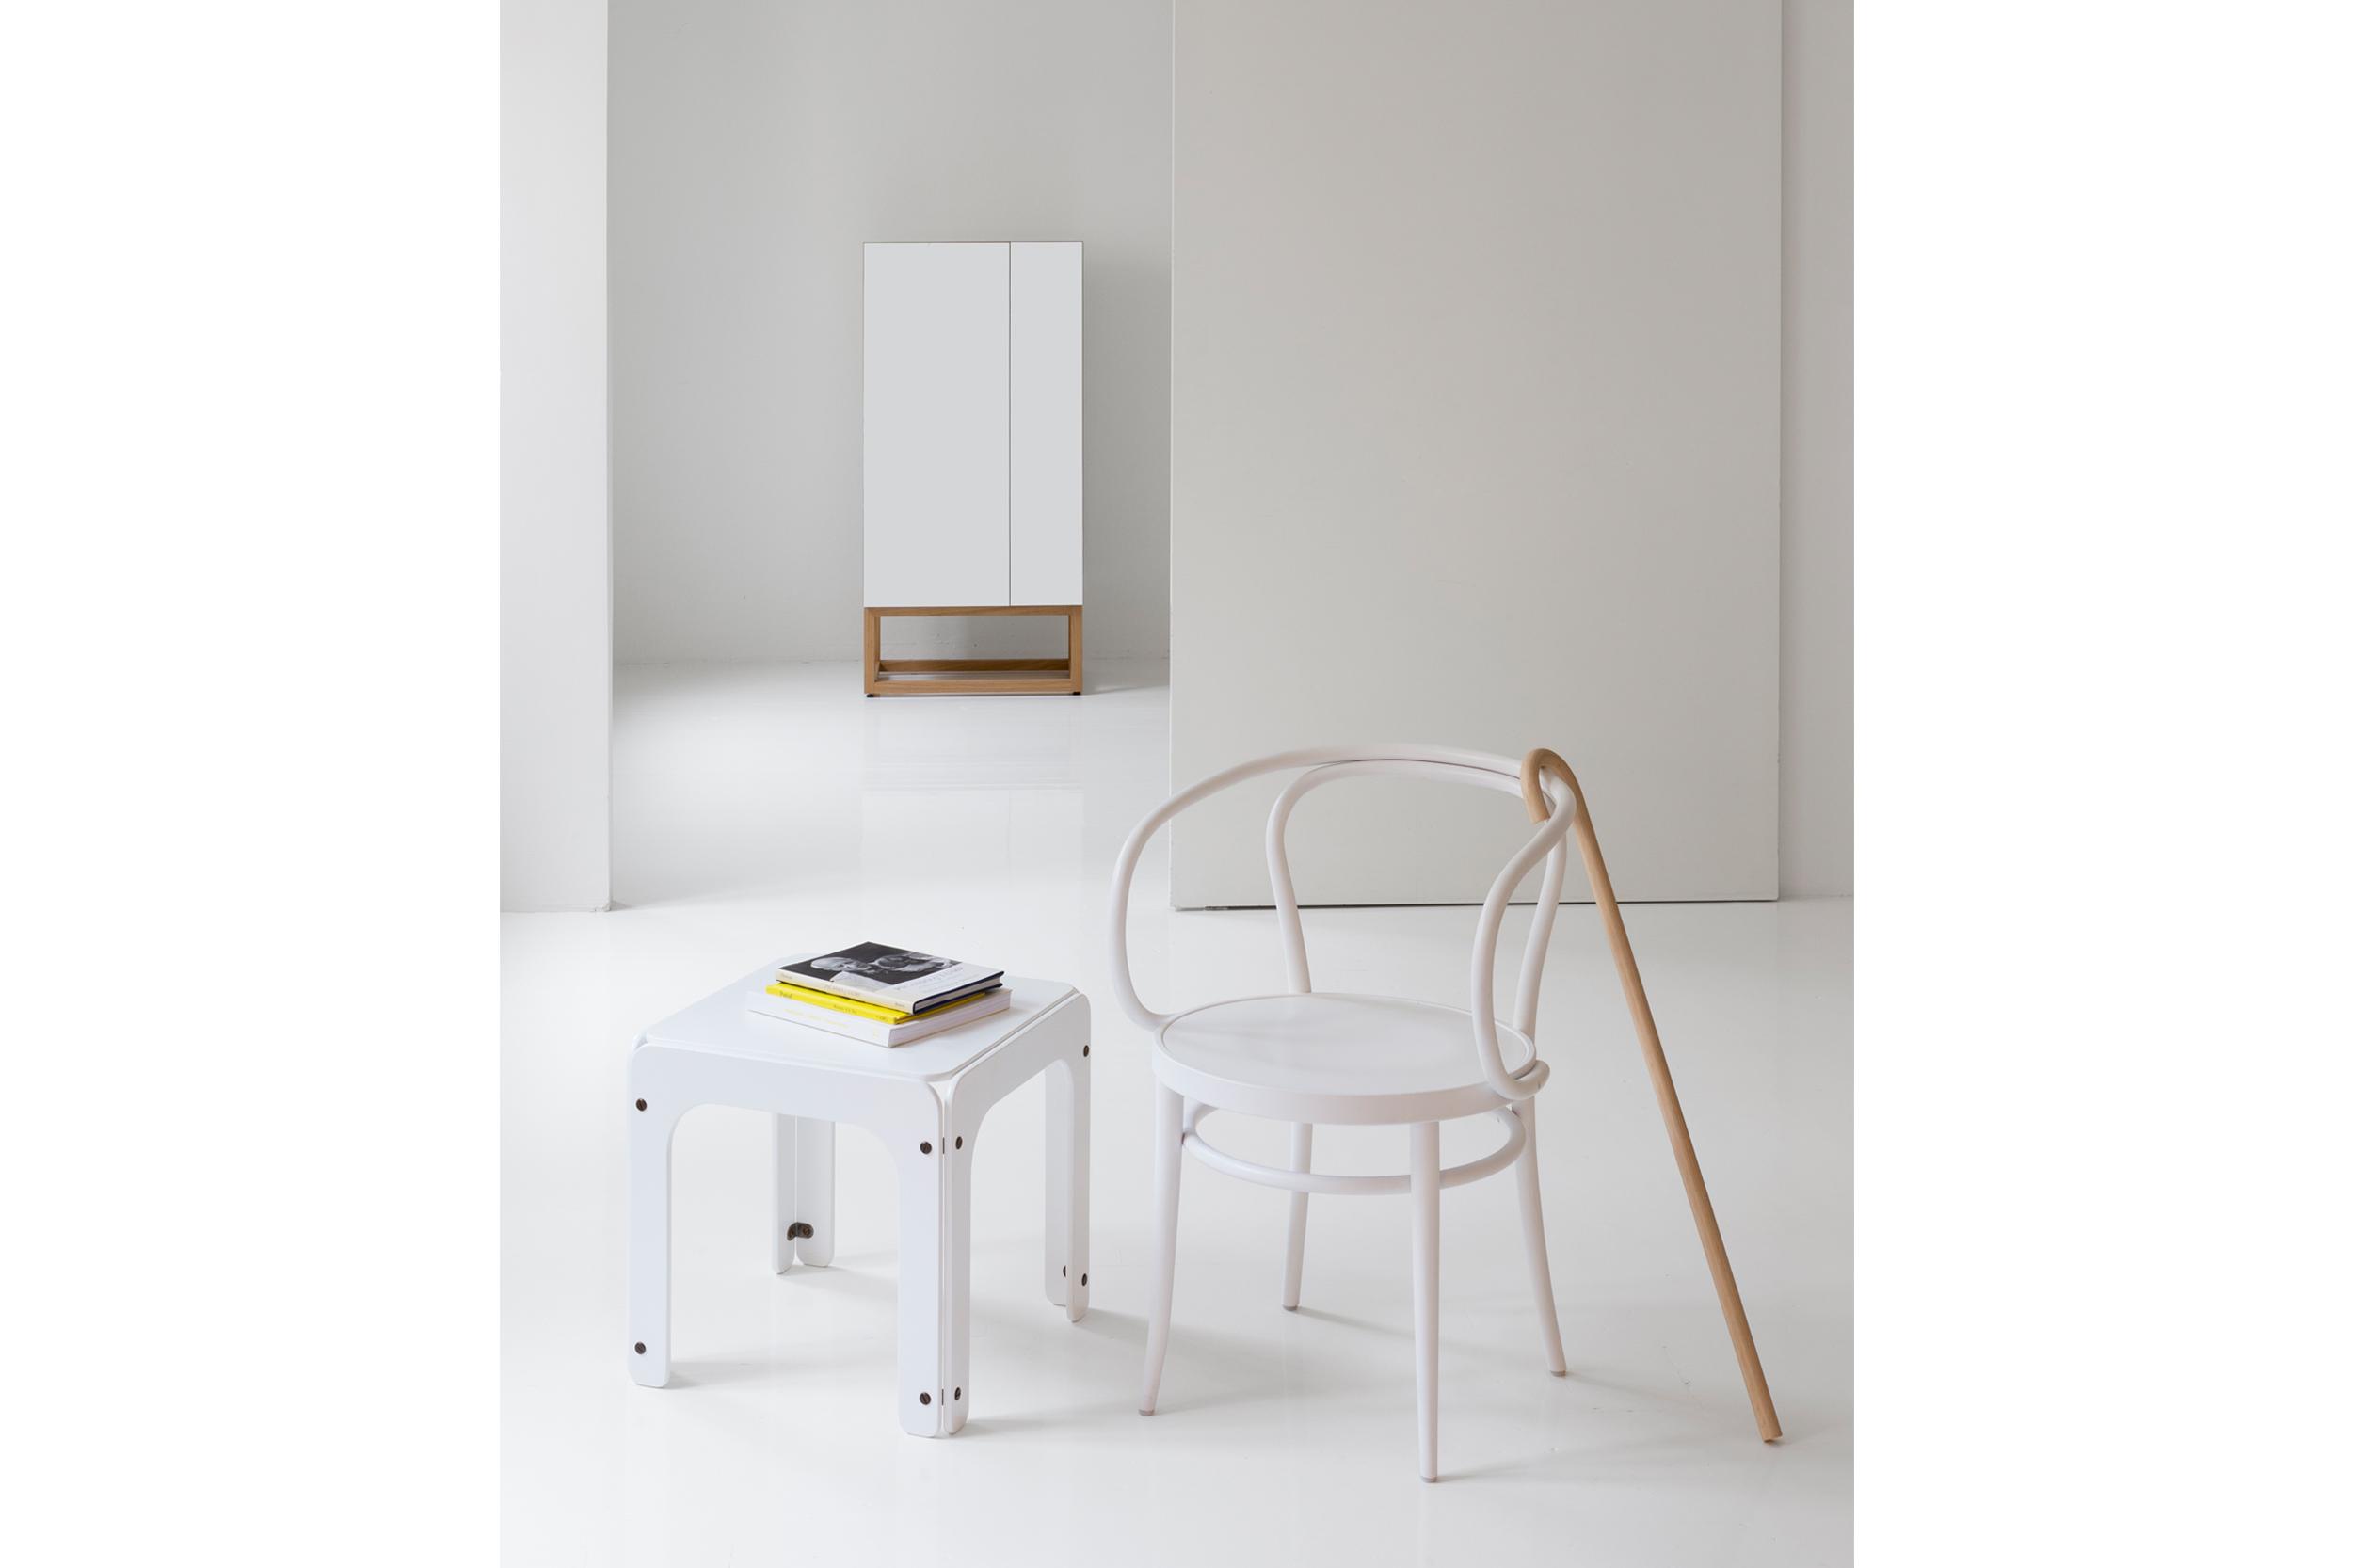 Habitek Stripe cabinet and Vanikka table in white